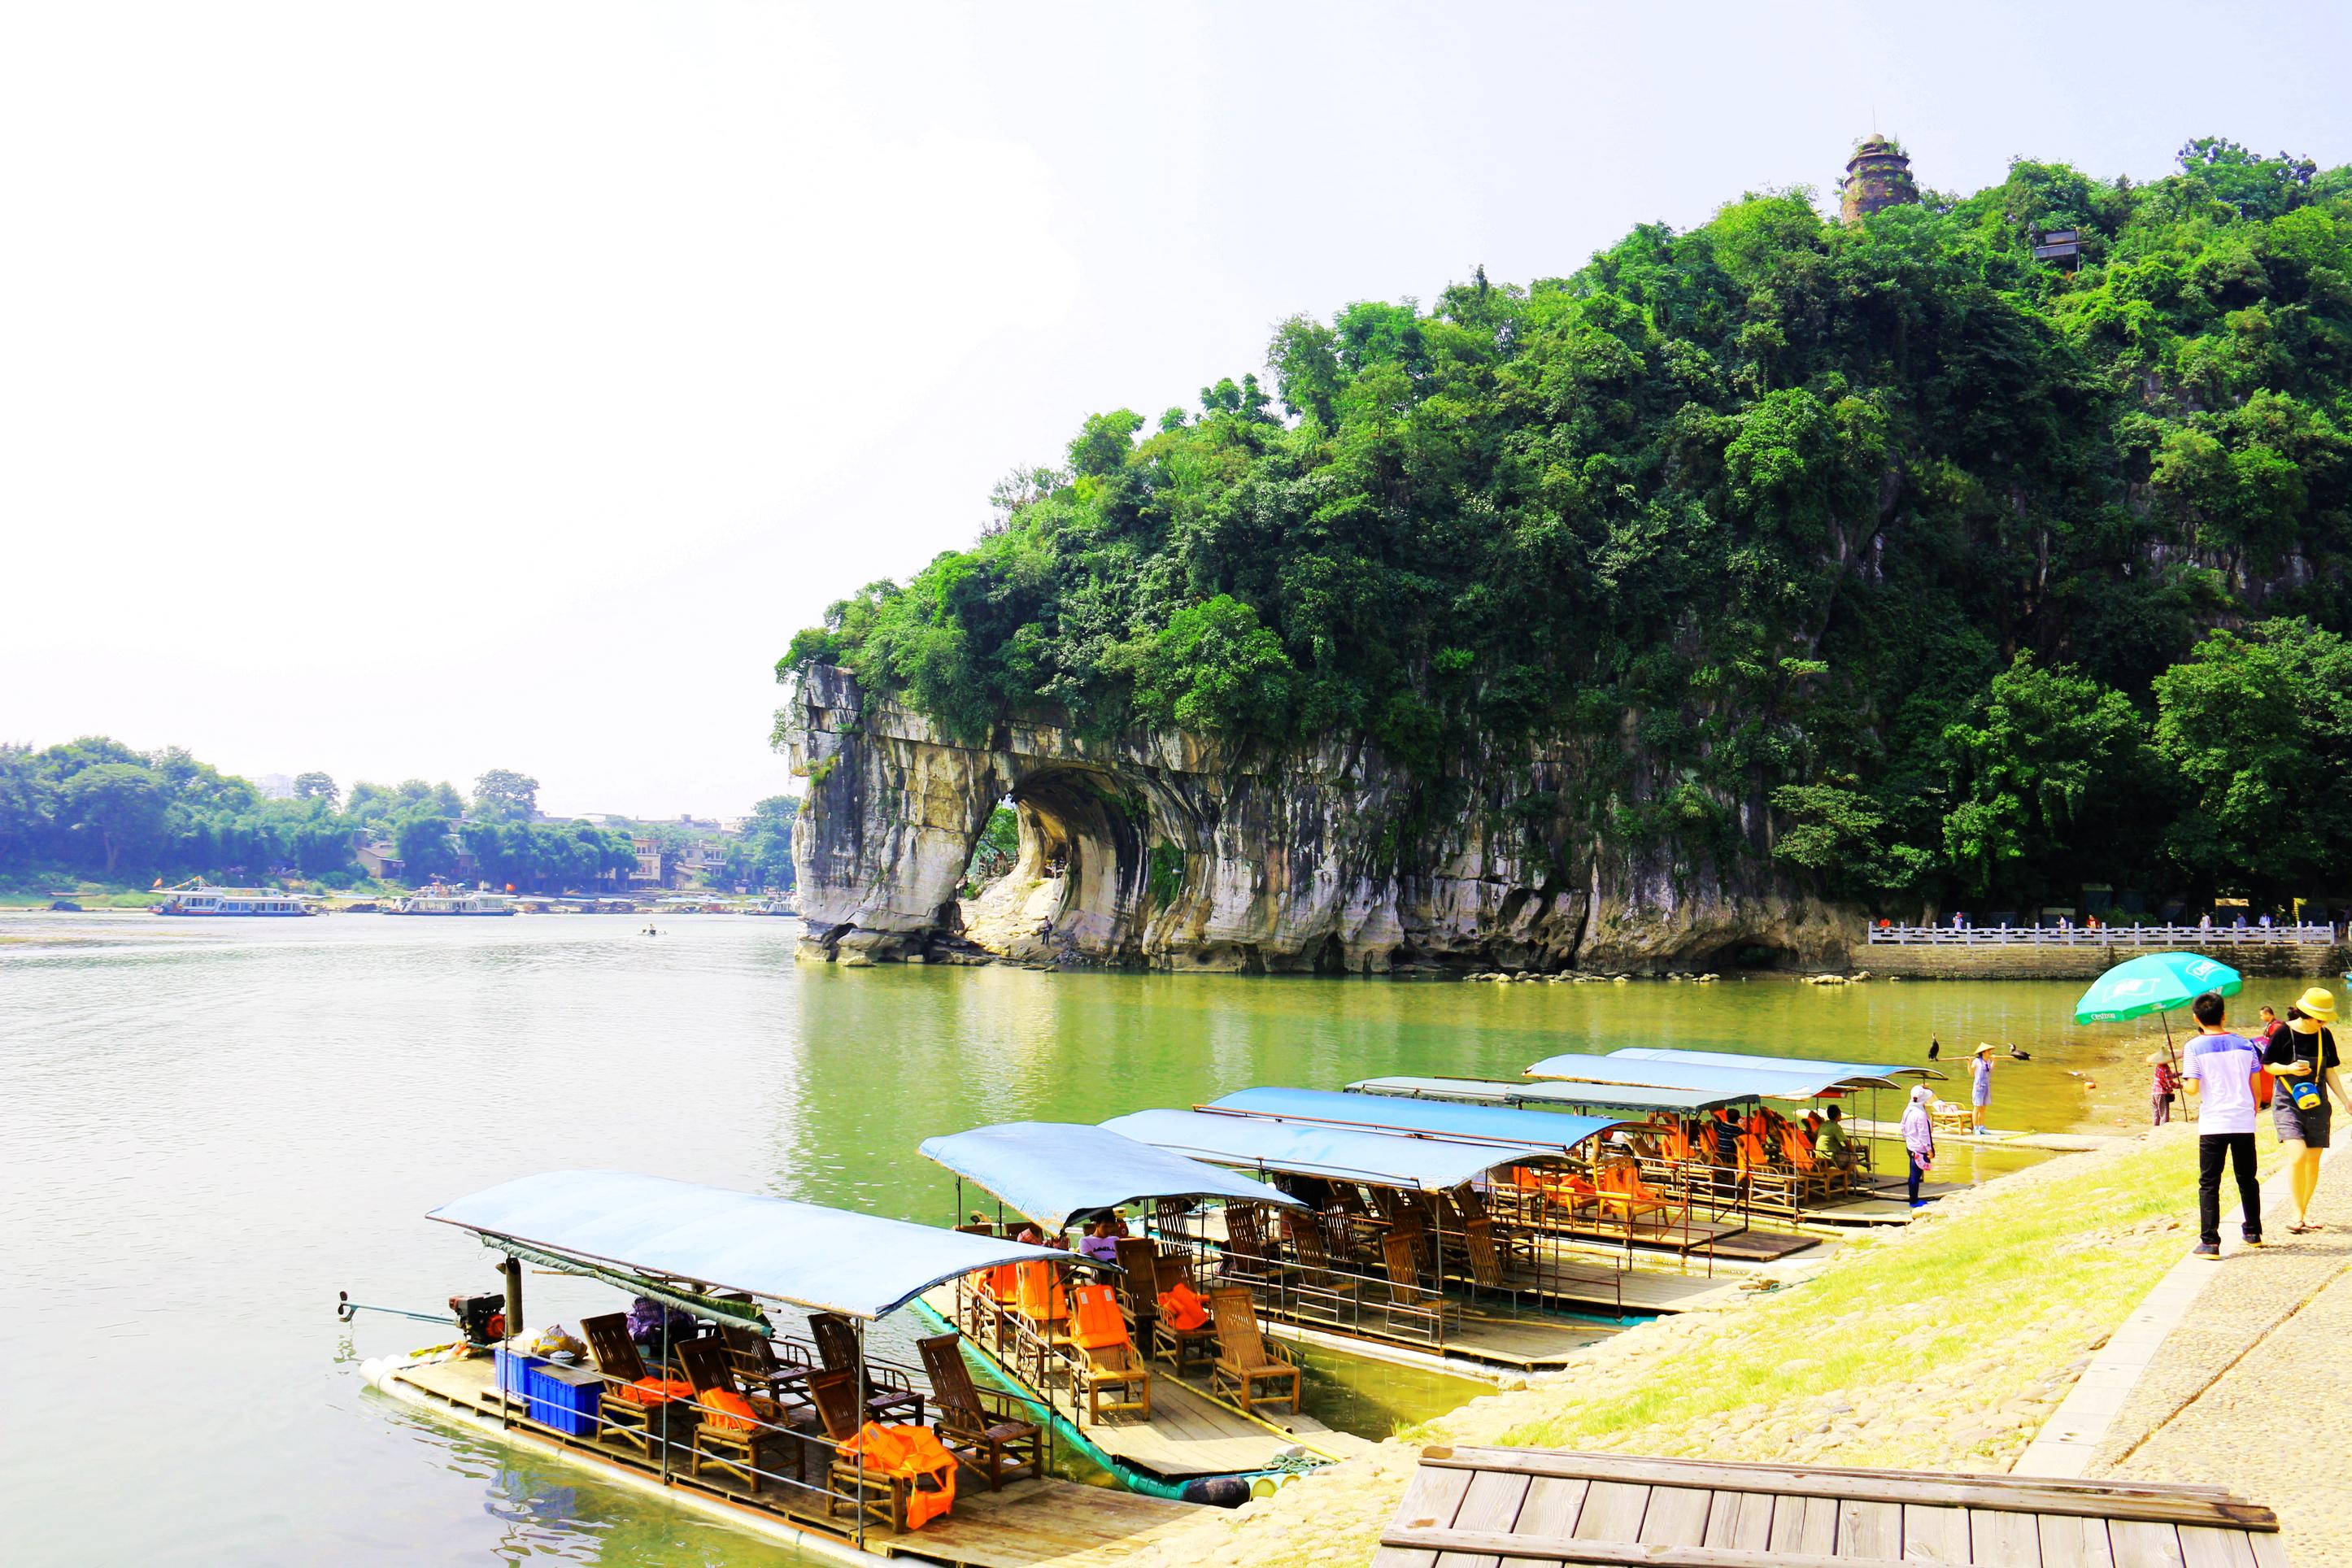 象山景区 位于桂林市中心,景区内的象鼻山山形酷似一头伸着鼻子